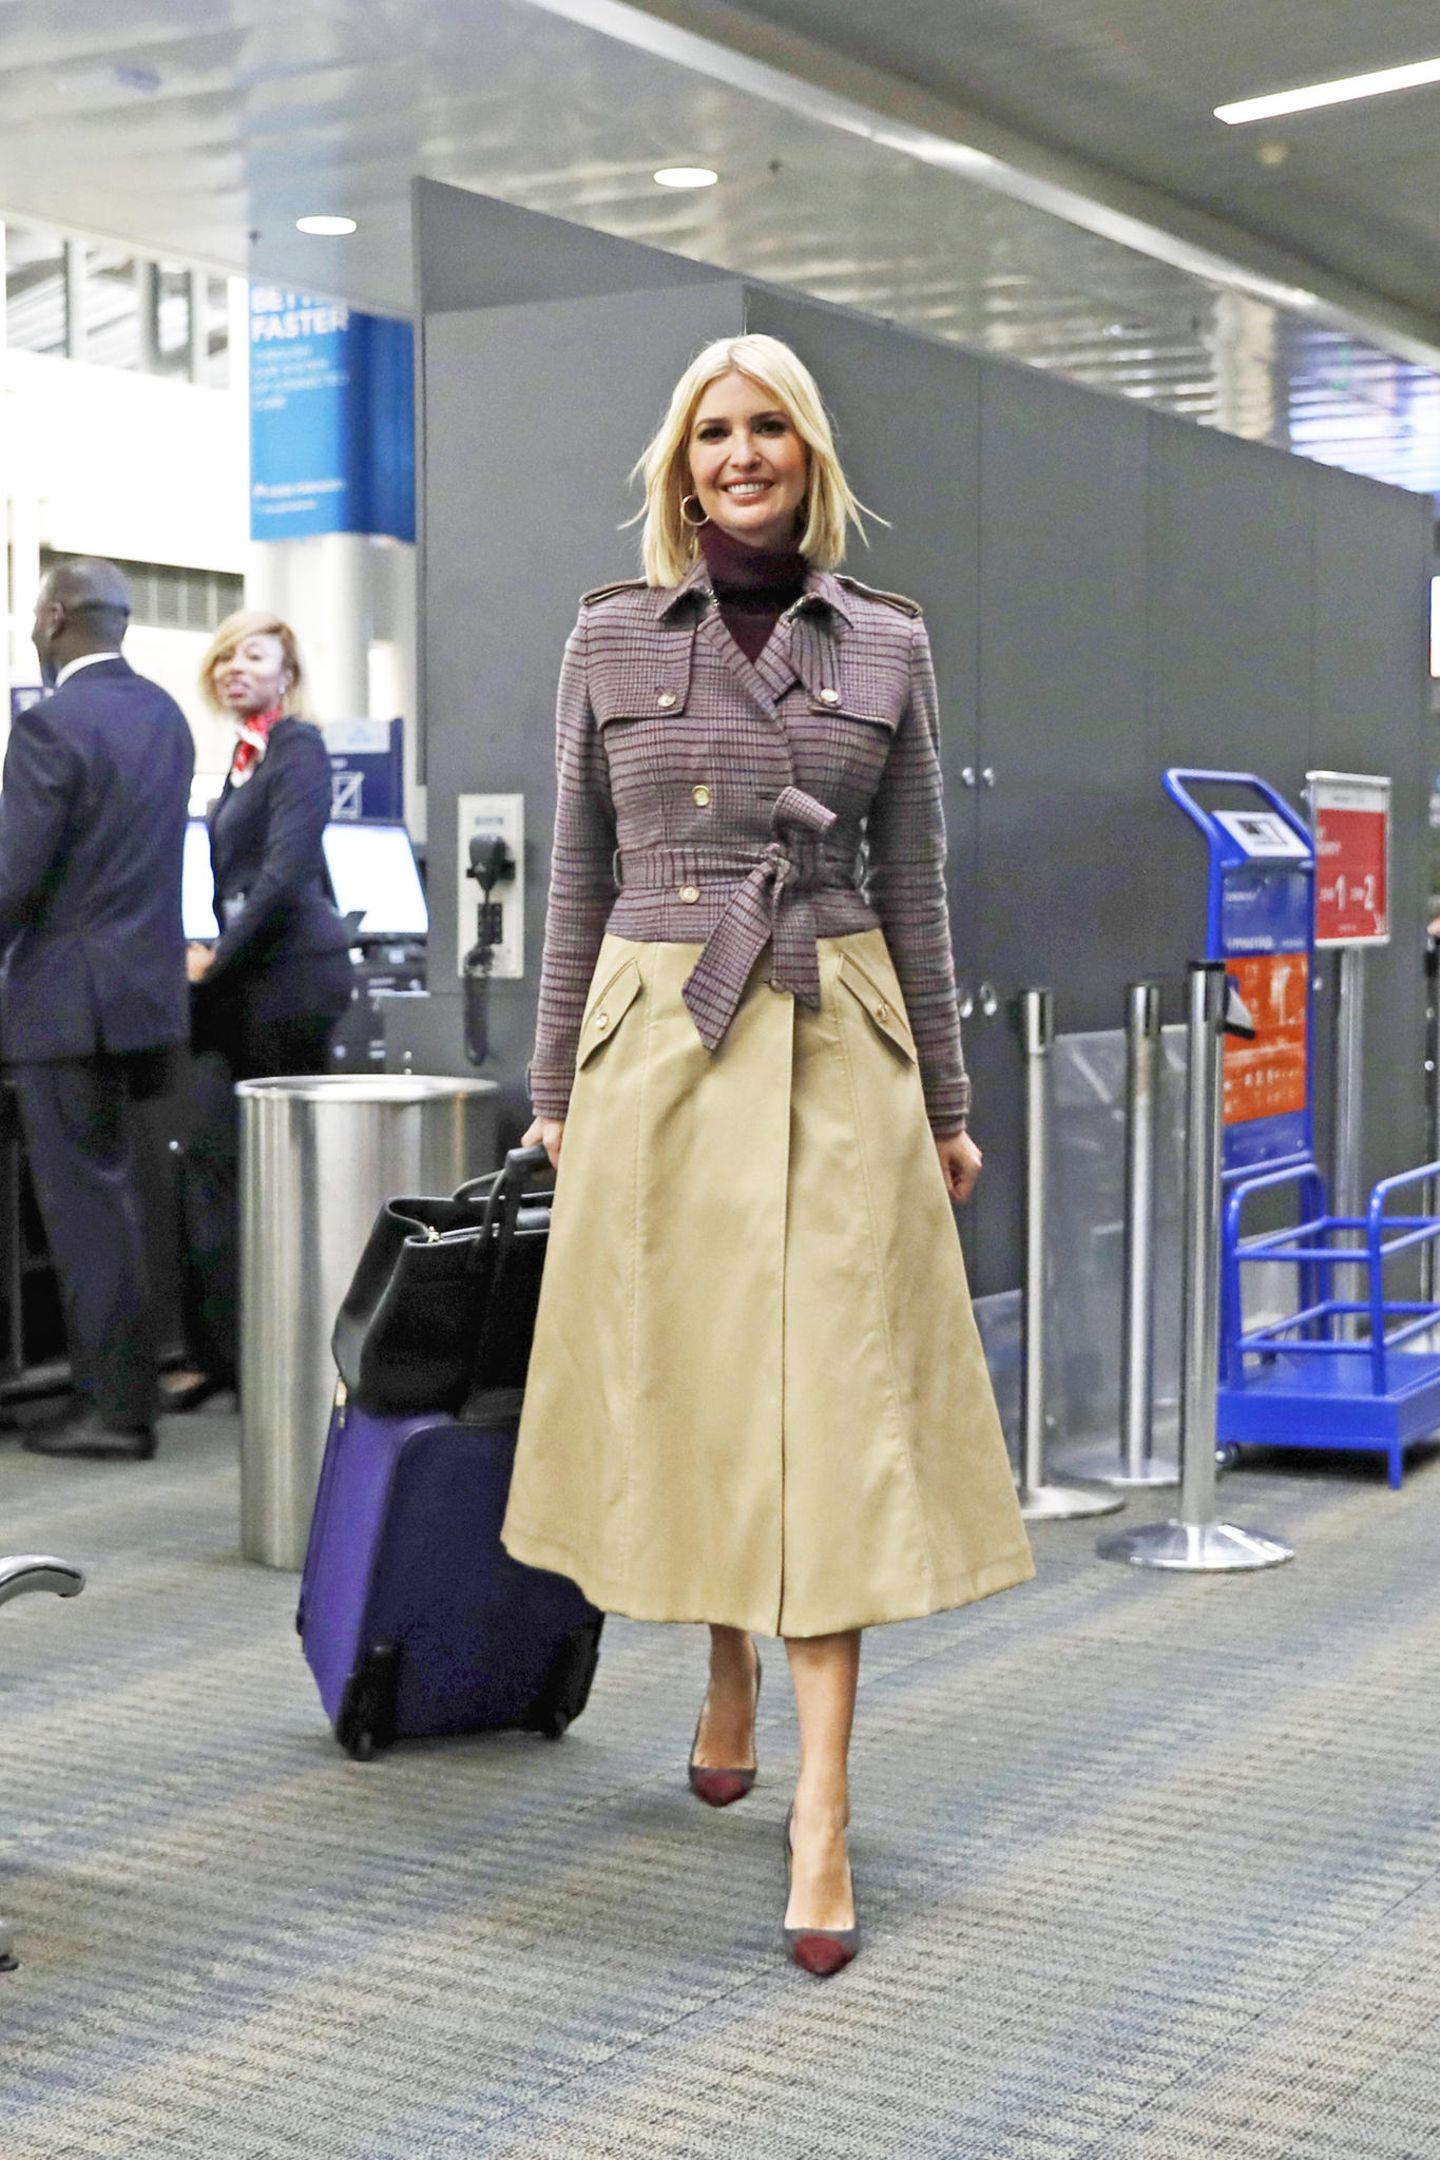 Als offizielle Beraterin ihres Vaters Donald Trump,ist Ivanka Trump in der ganzen Welt unterwegs. Doch einen legeren Flughafen-Look sieht man bei der 38-Jährigen vergebens: Stattdessen verwandelt sie, wie hier auf dem Weg nach Marokko, den Weg vom Check-In bis zum Flugzeug kurzerhand in einen Laufsteg. Mit spitzen Pumps, einem schwarzen, schlichten Rollkragenpullover und einem wunderschönen Trenchcoat der Designerin Gabriela Hearst zieht sie alle Blicke auf sich.